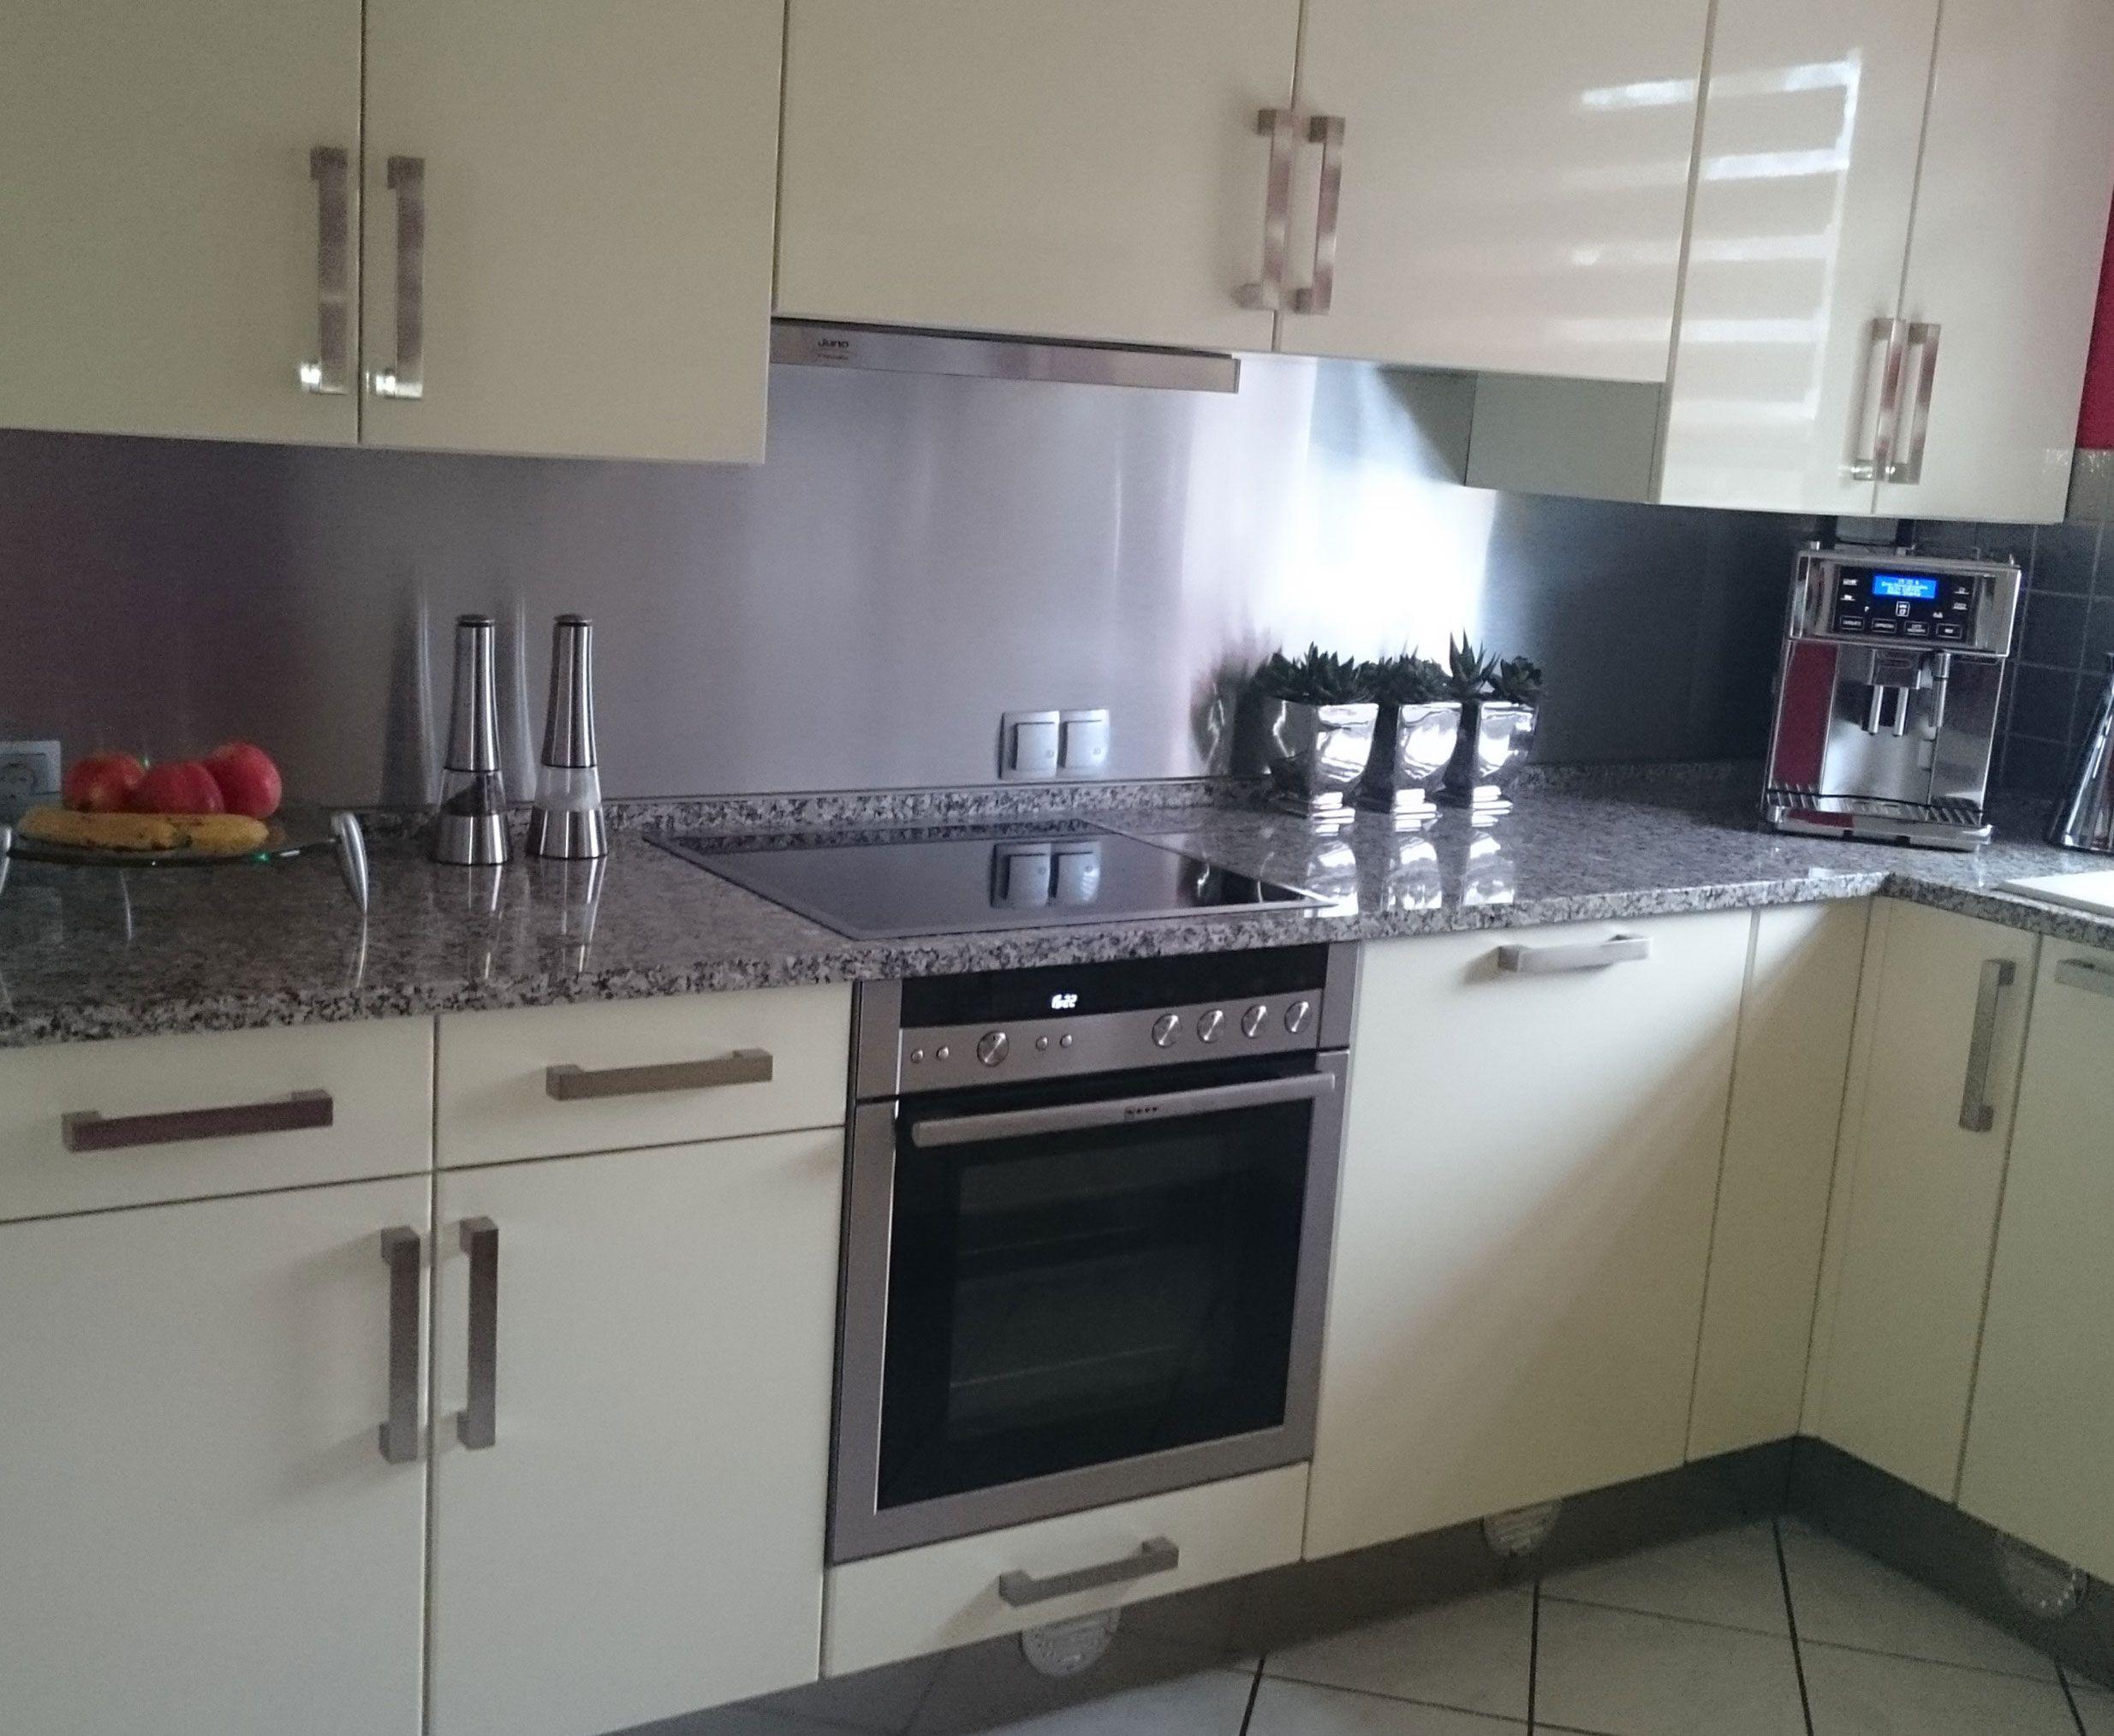 Charmant Küchenspiegel Aus Alu Dibond® Zugeschnitten. Hochwertiges Design Und  Einfach Reinigung.